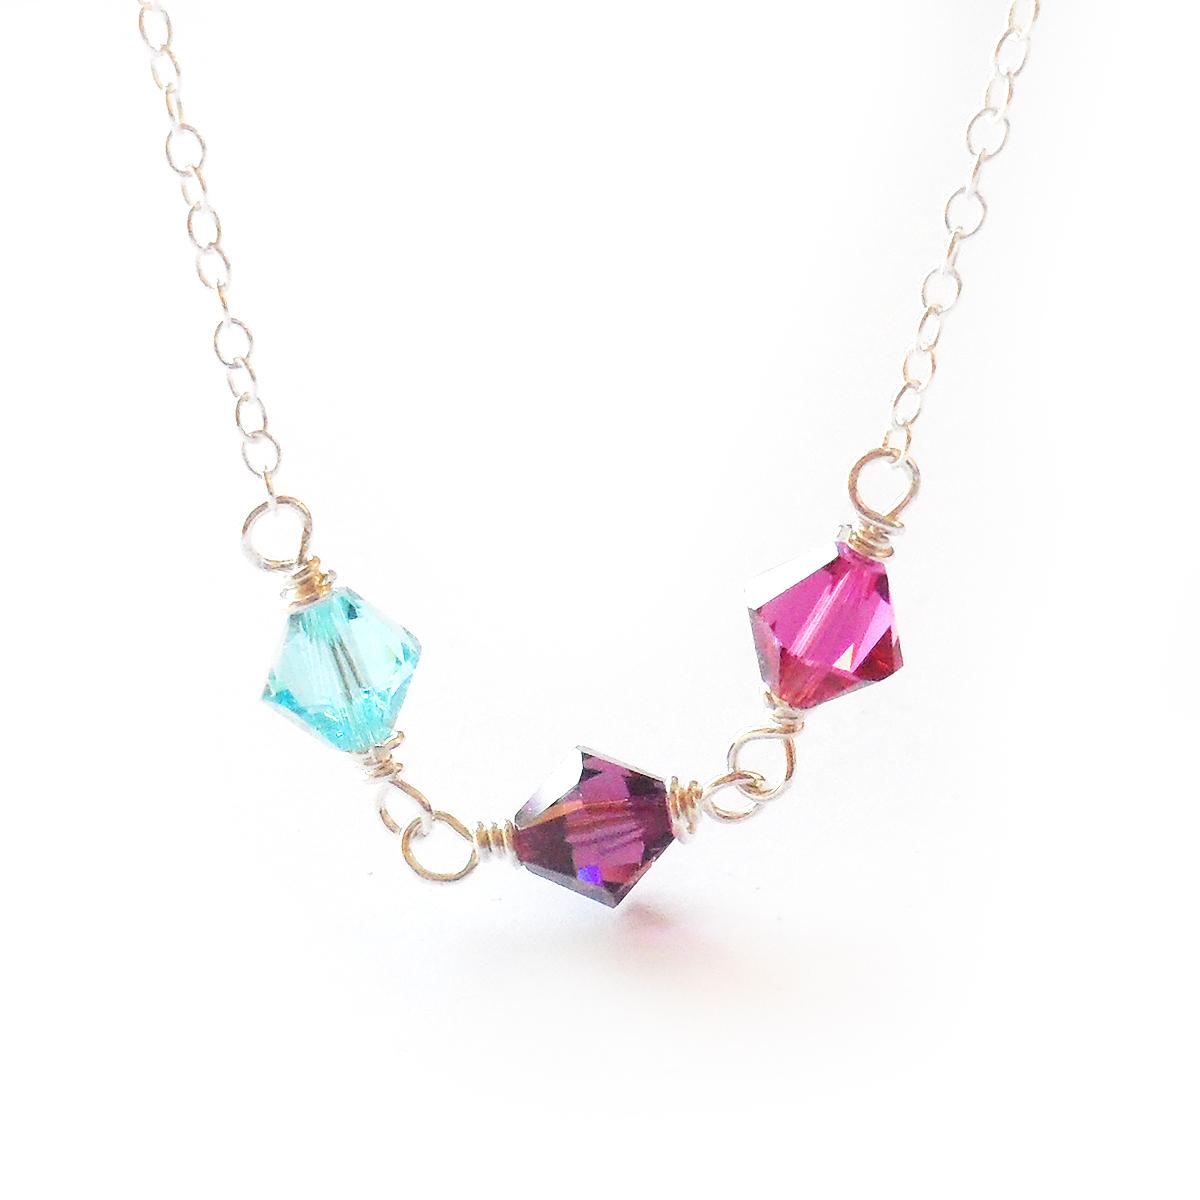 collar-leia-plata-de-ley-y-cristales-de-swarovski-azul-lila-y-fucsia-4